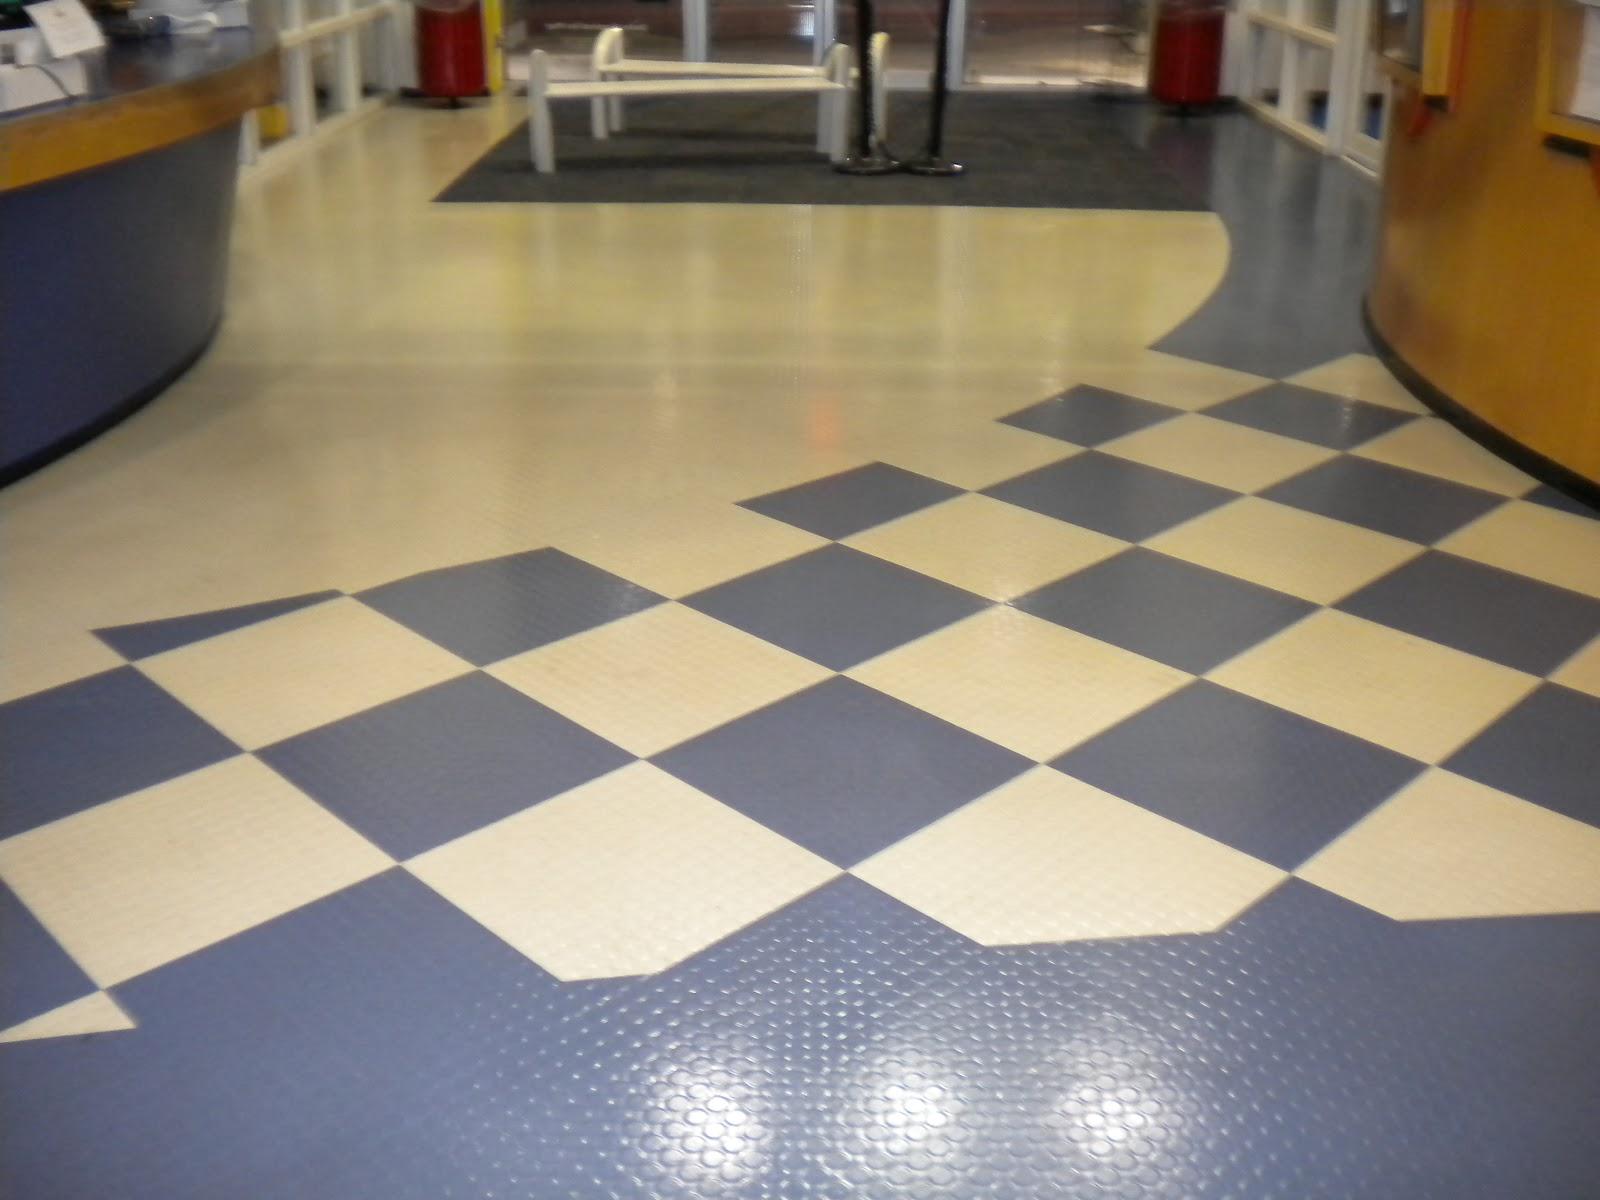 C mo colocar un piso flotante de goma alba iles - Se puede colocar un piso ceramico sobre otro ...